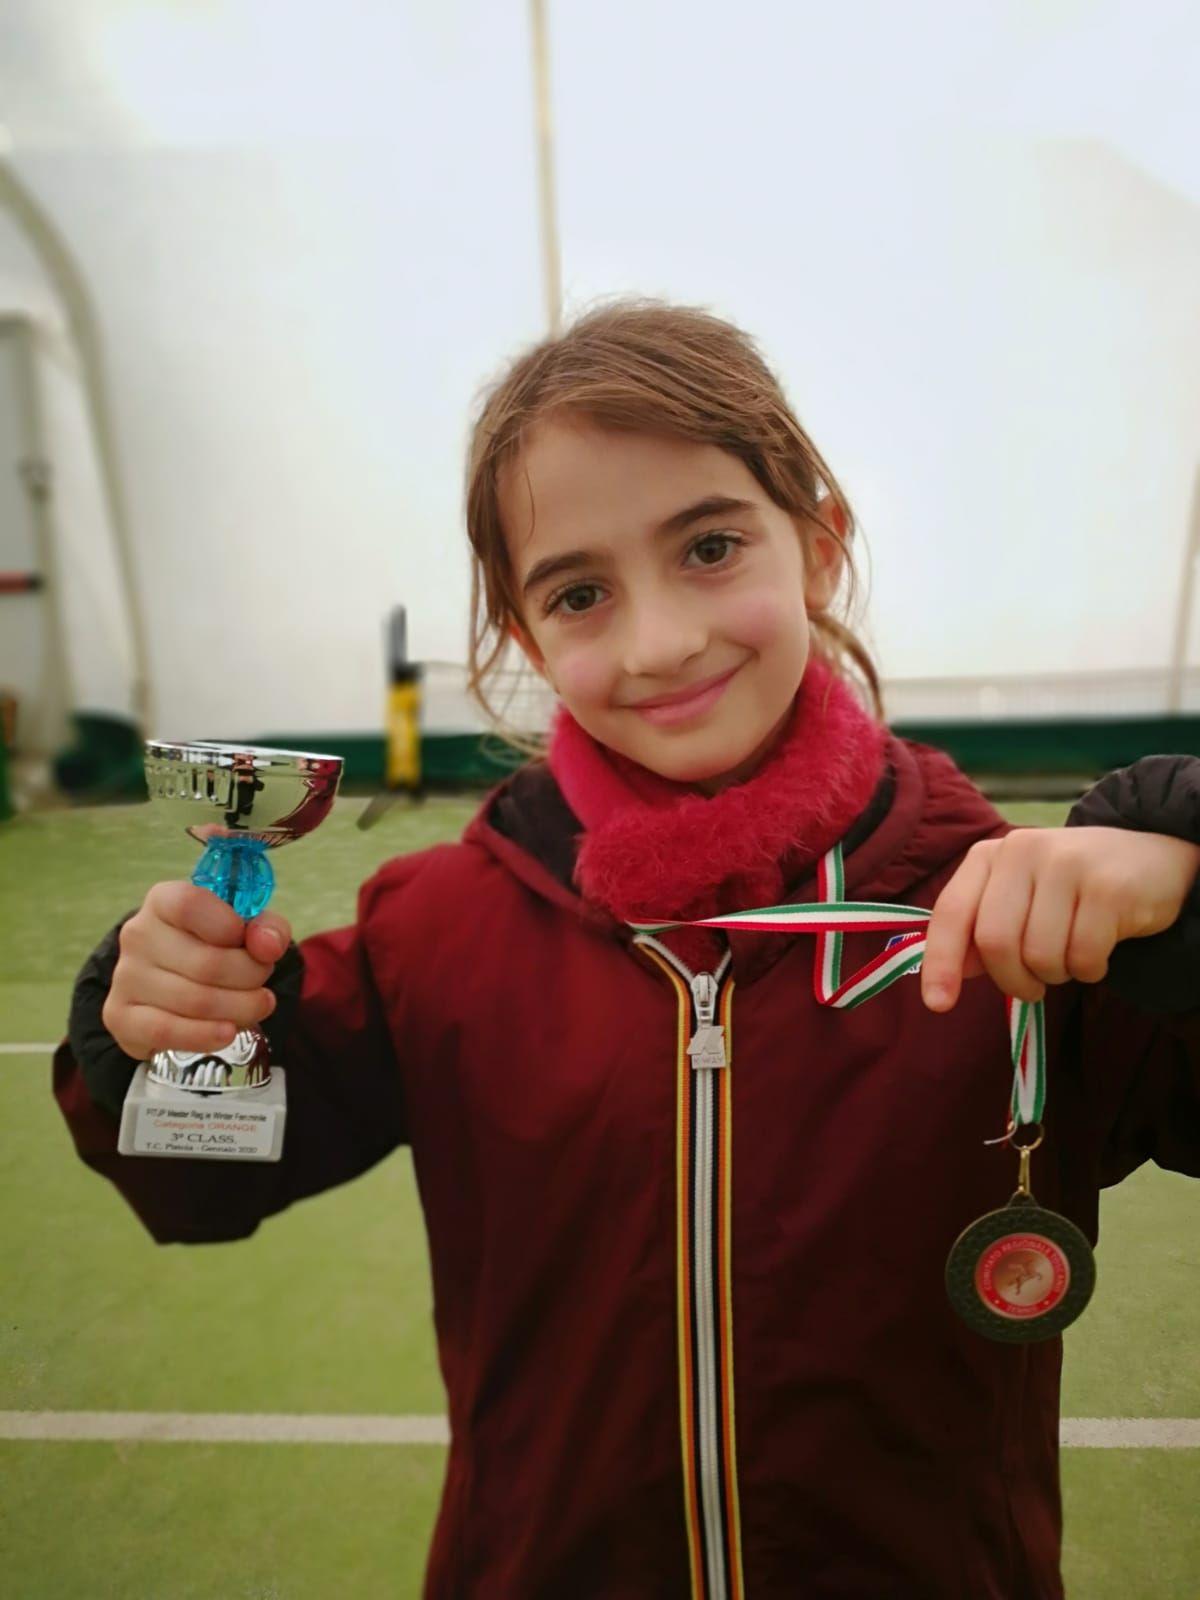 Master Fit Junior Program e Amara sconfitta per il Campionato Invernale